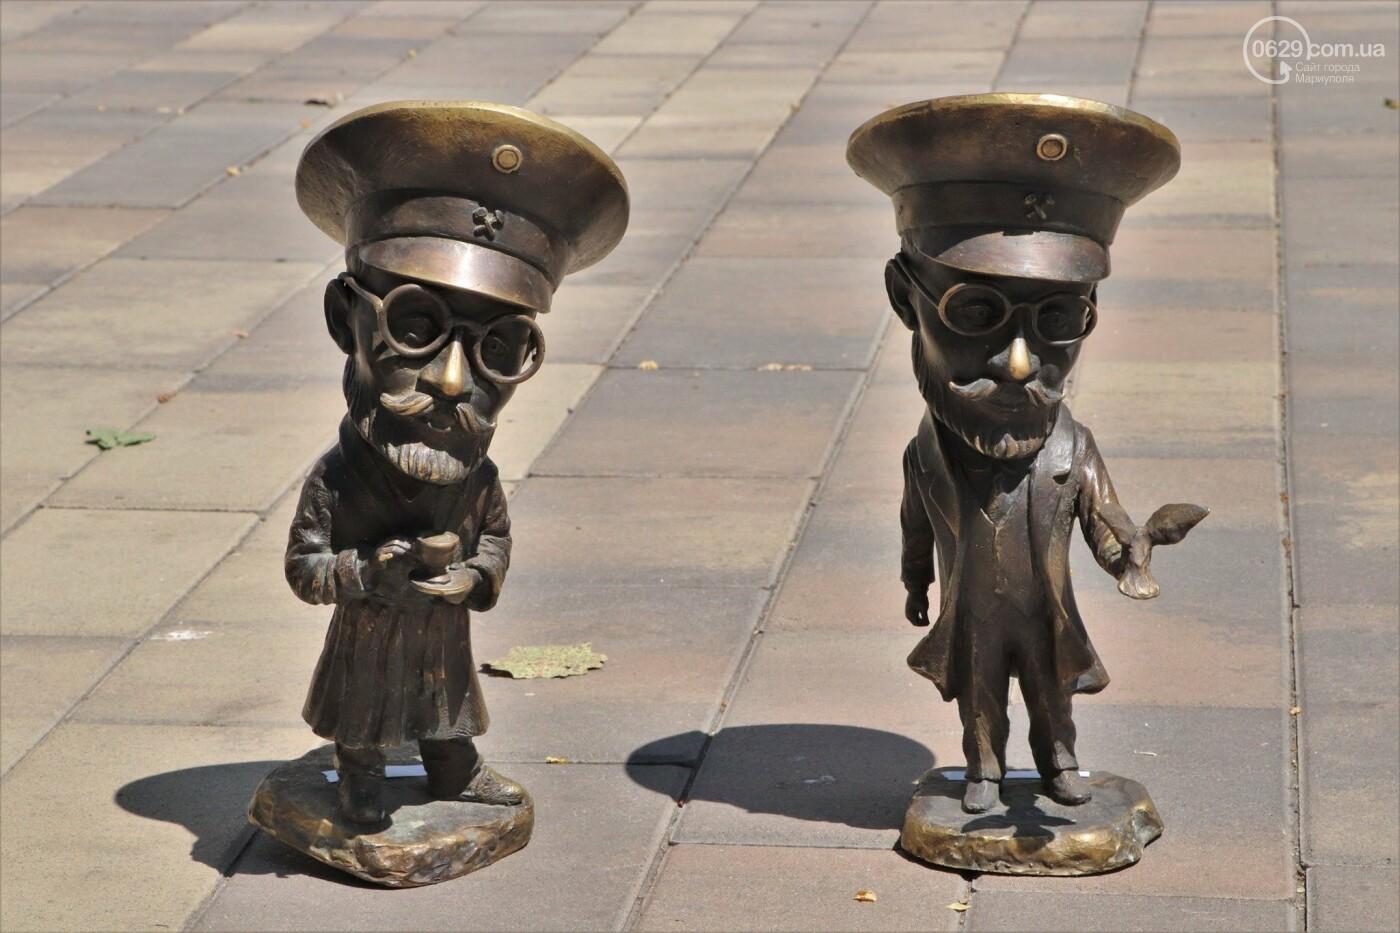 Новые места для селфи! Мариуполь украсили мини-скульптуры, - ФОТО, ВИДЕО, фото-15